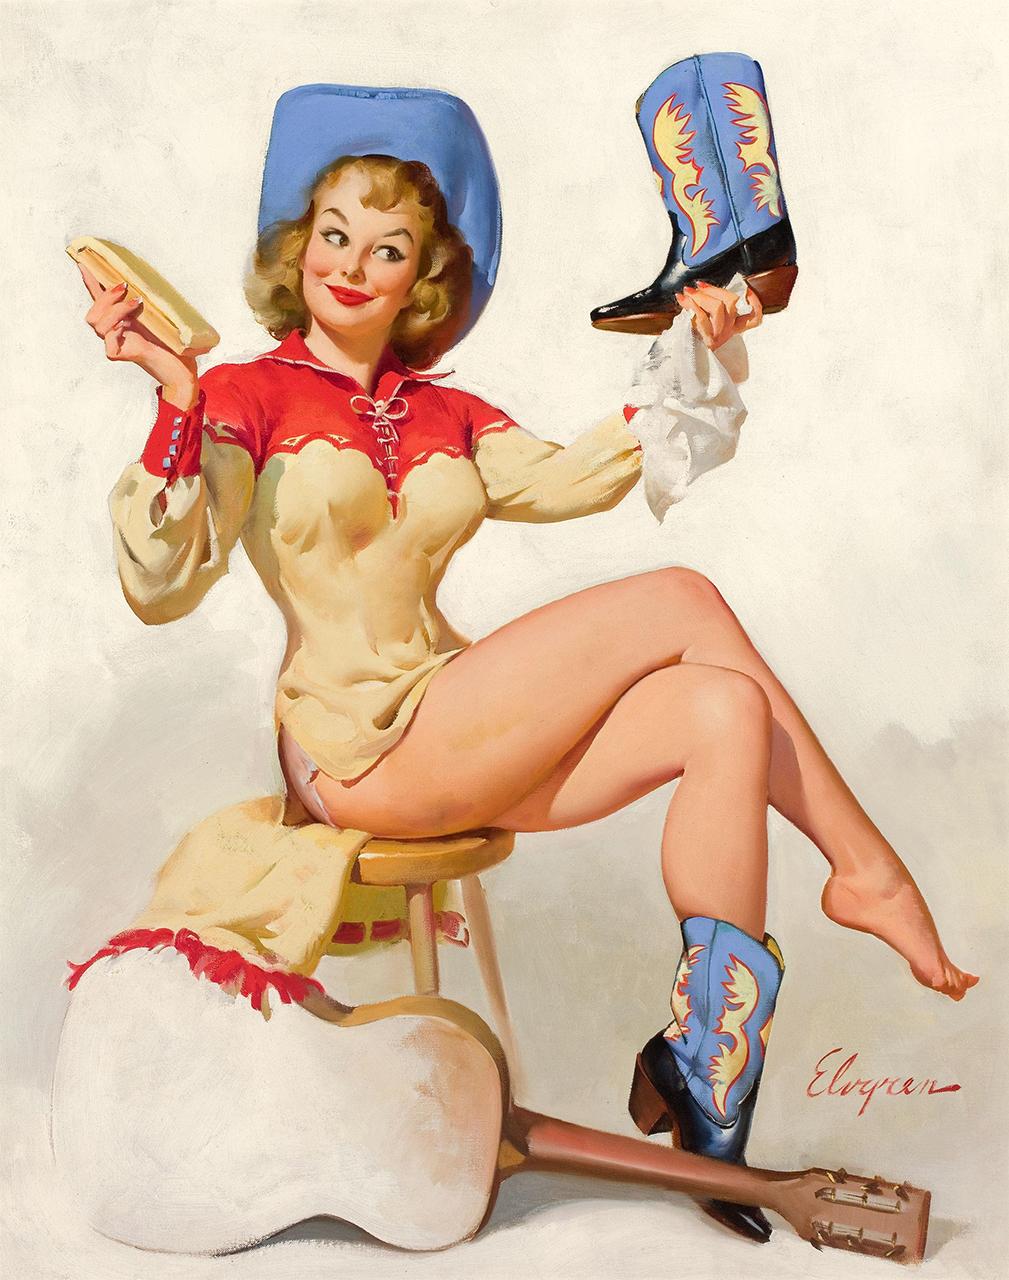 Постер на подрамнике Джил Элвгрен: A polished performance